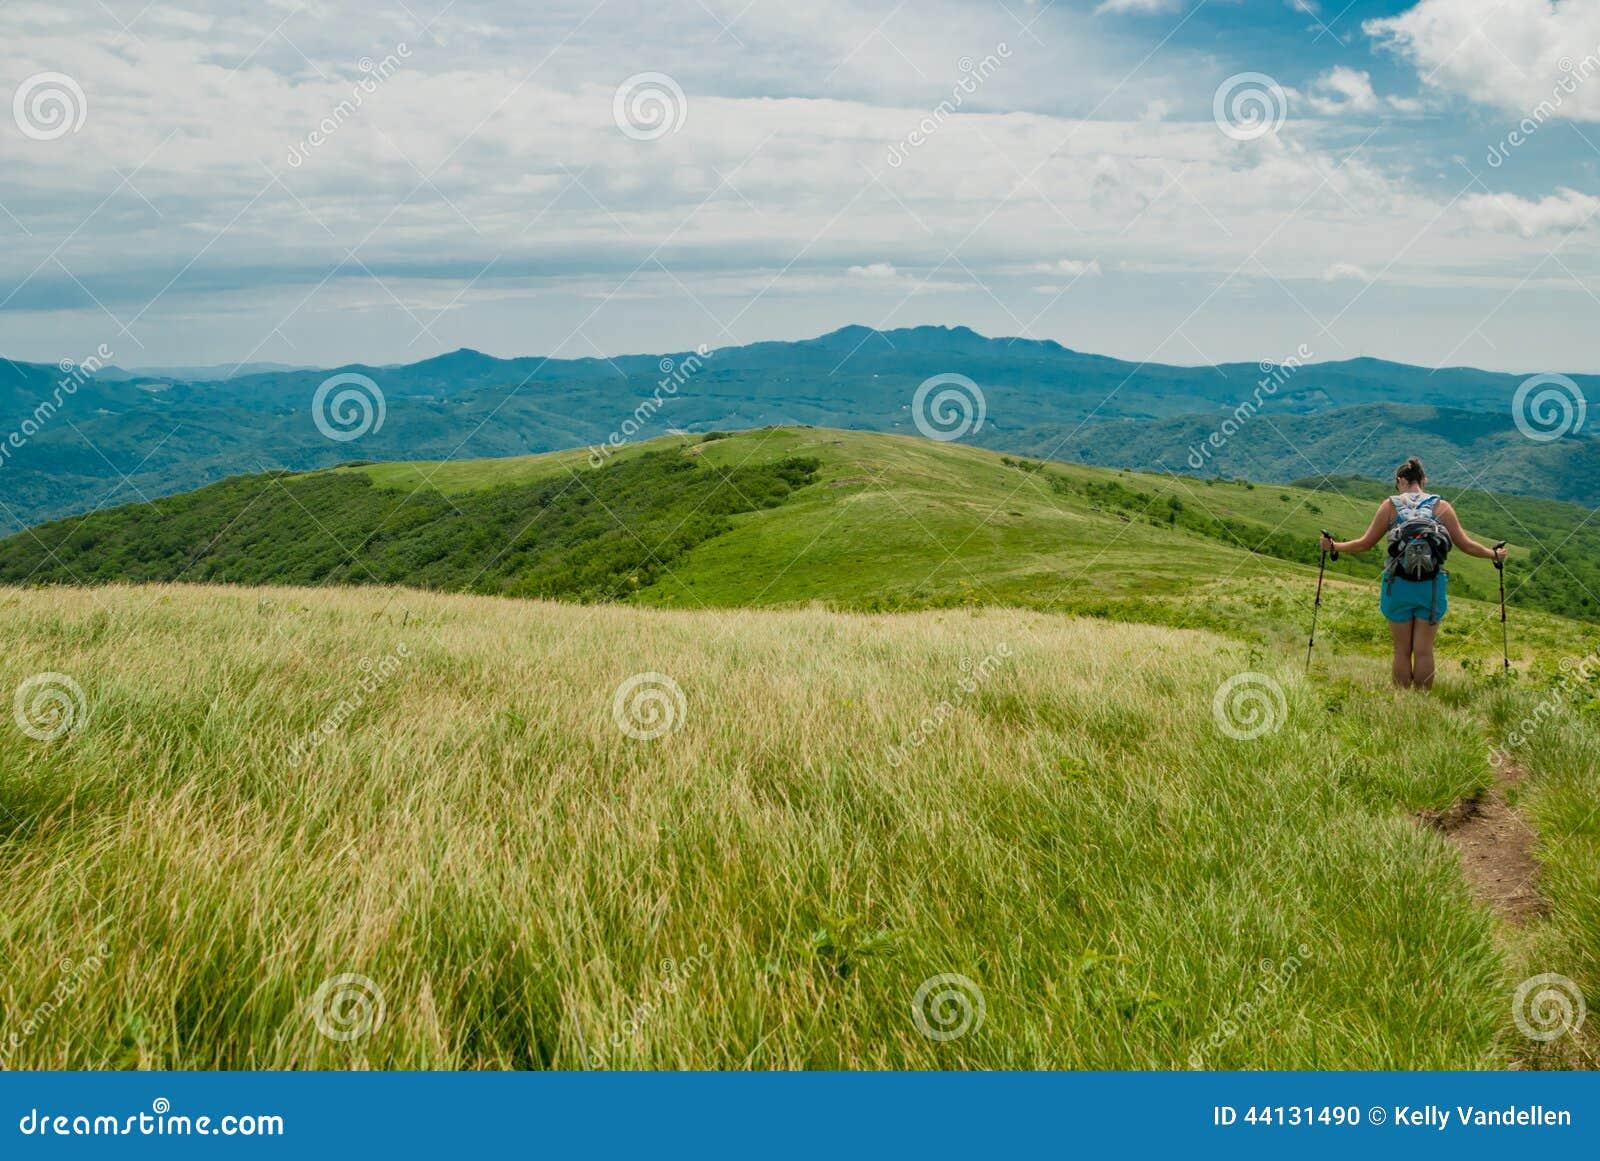 Wanderer stoppt für einen Bruch auf kahlem Berg